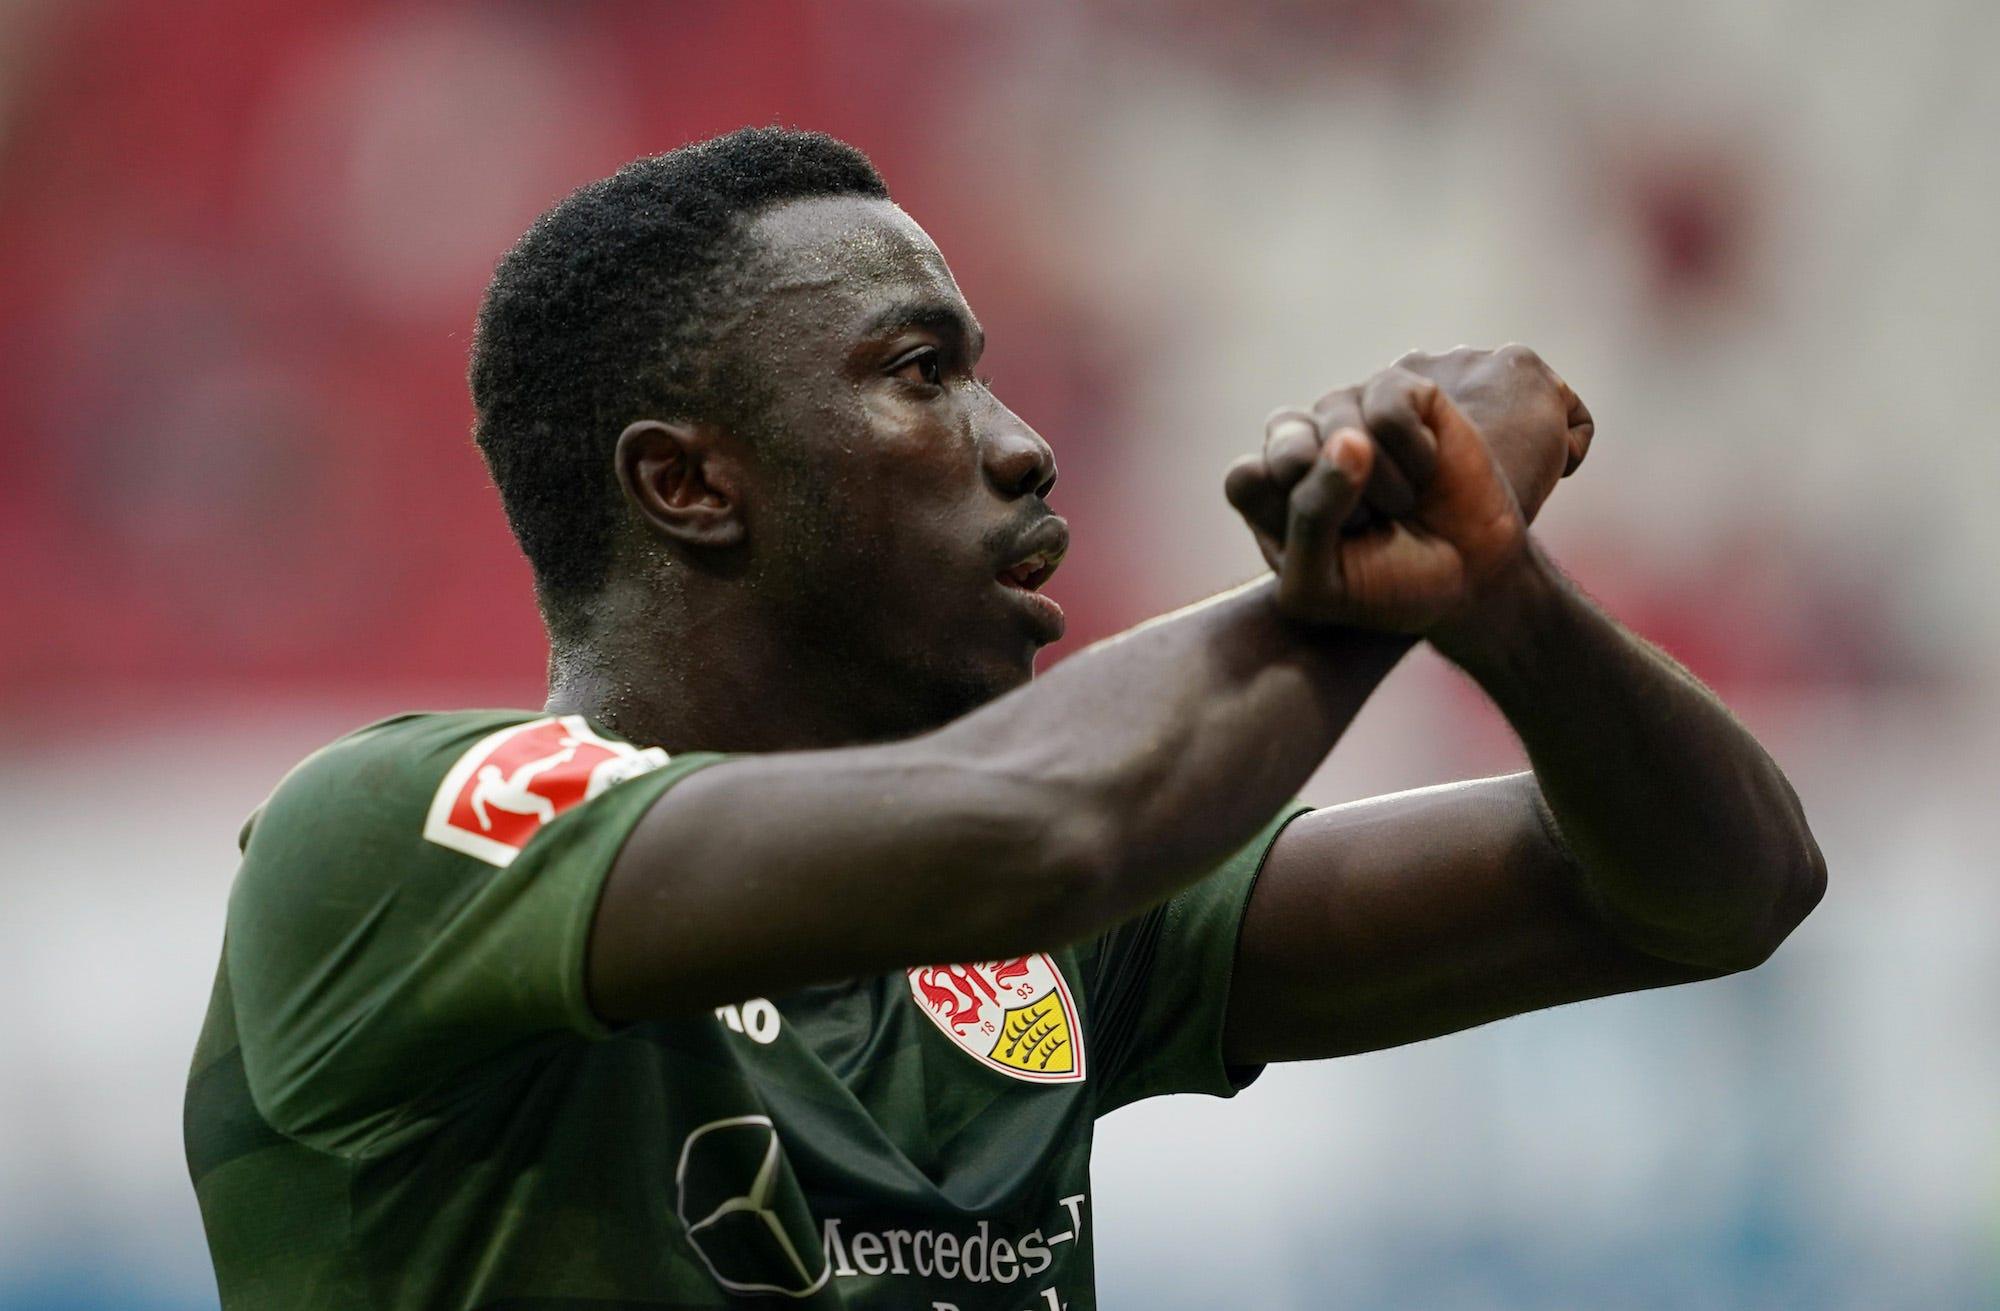 CLB Stuttgart sẽ sớm giải quyết vụ việc của Silas